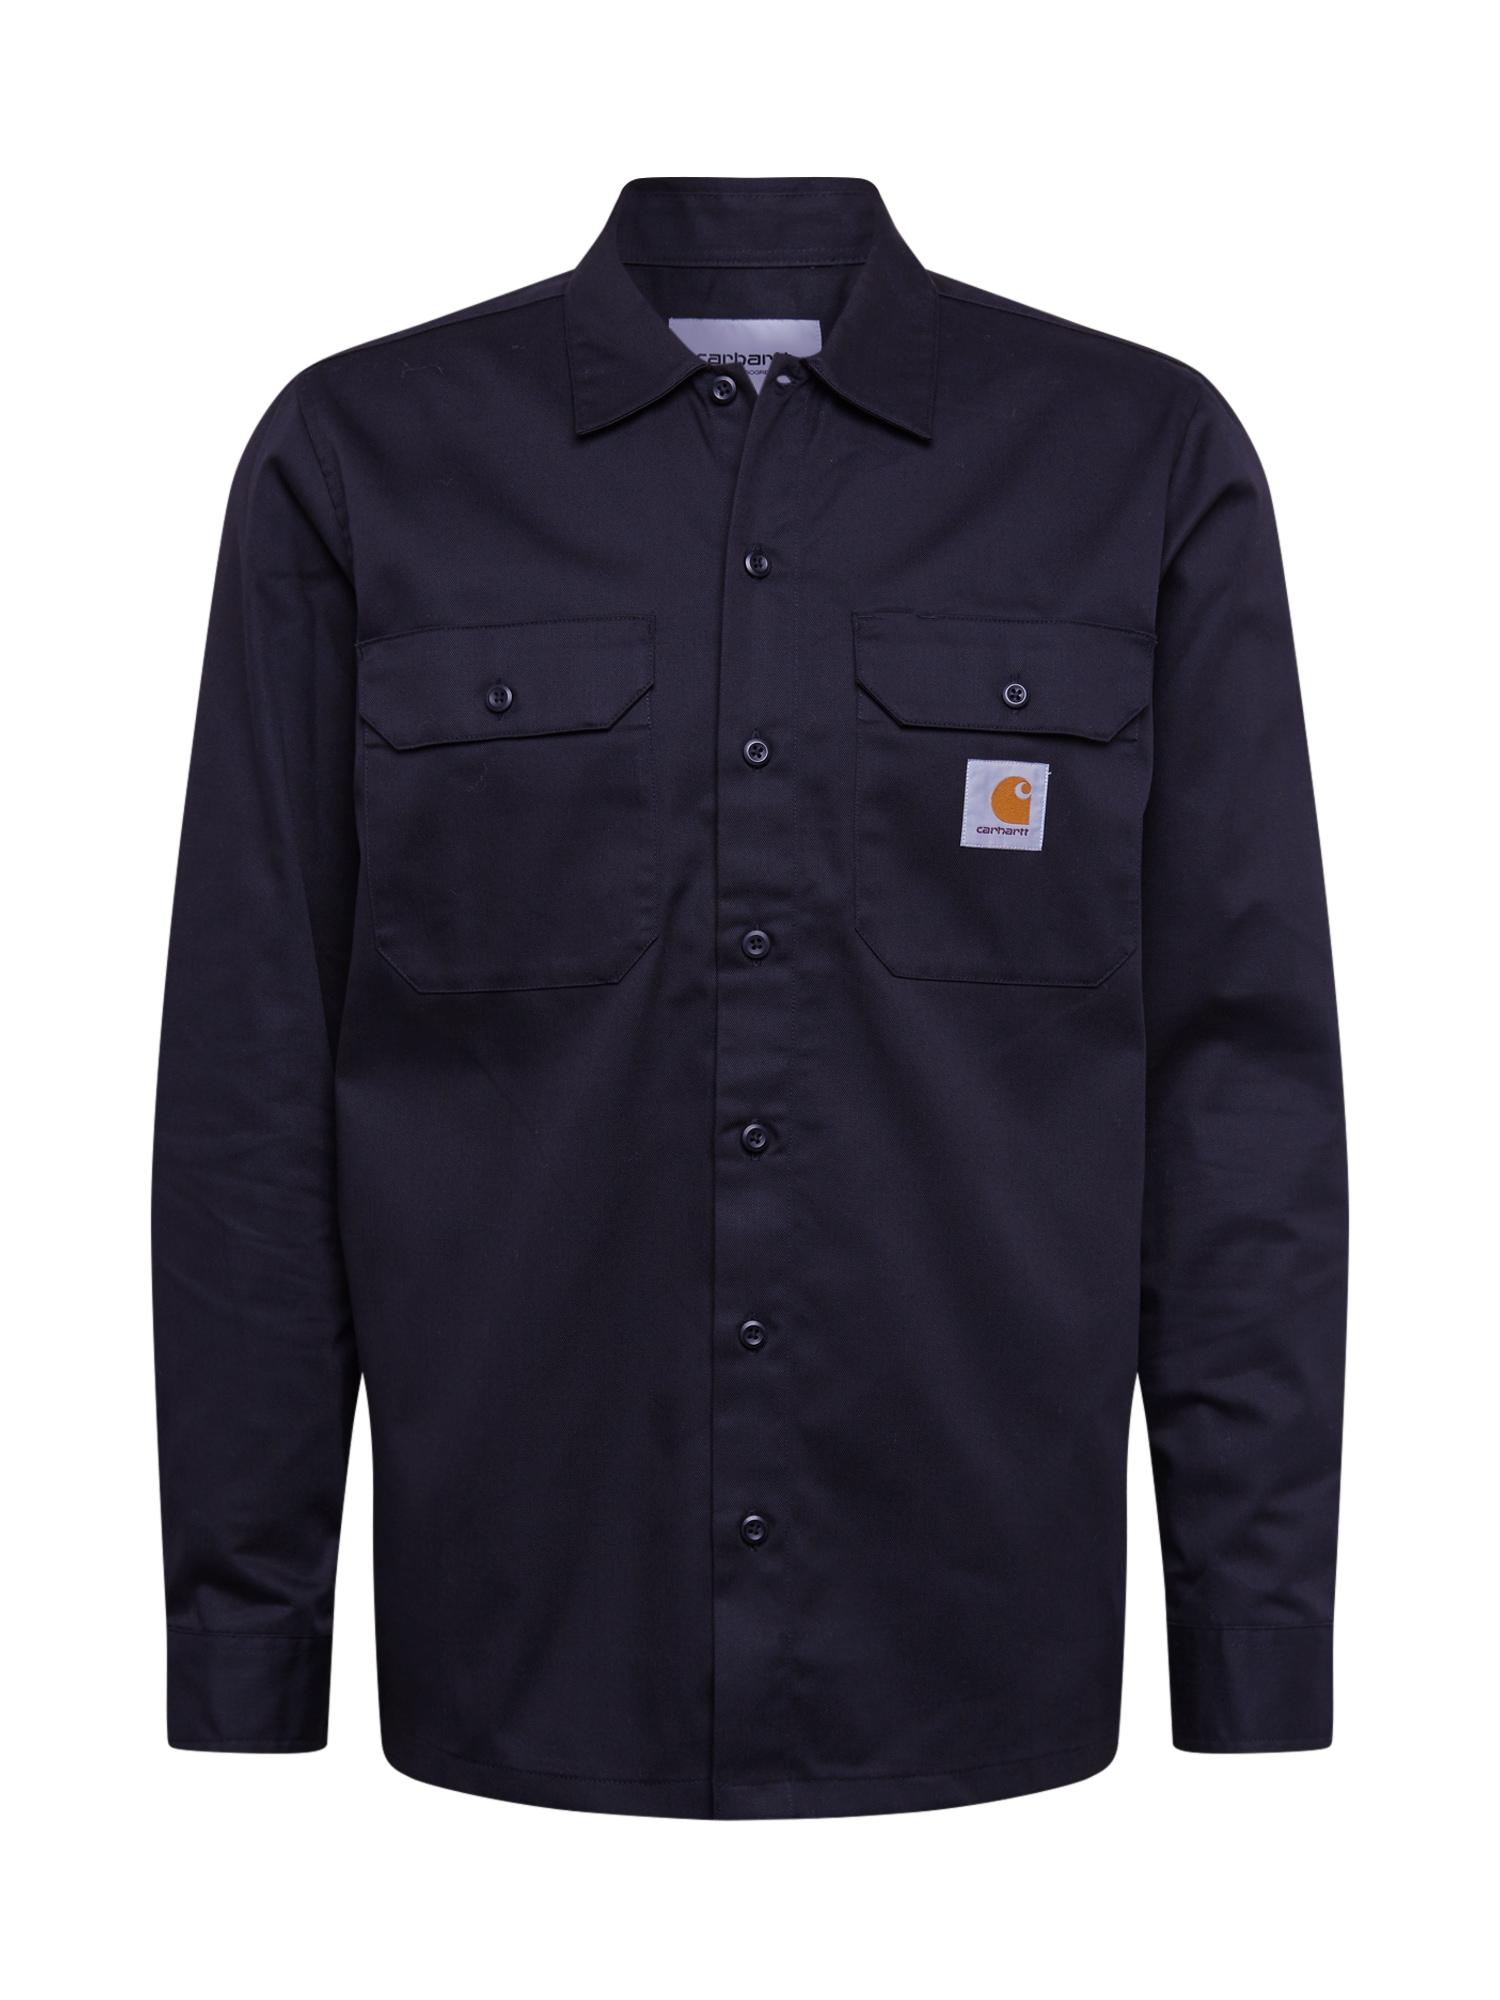 Carhartt WIP Dalykiniai marškiniai juoda